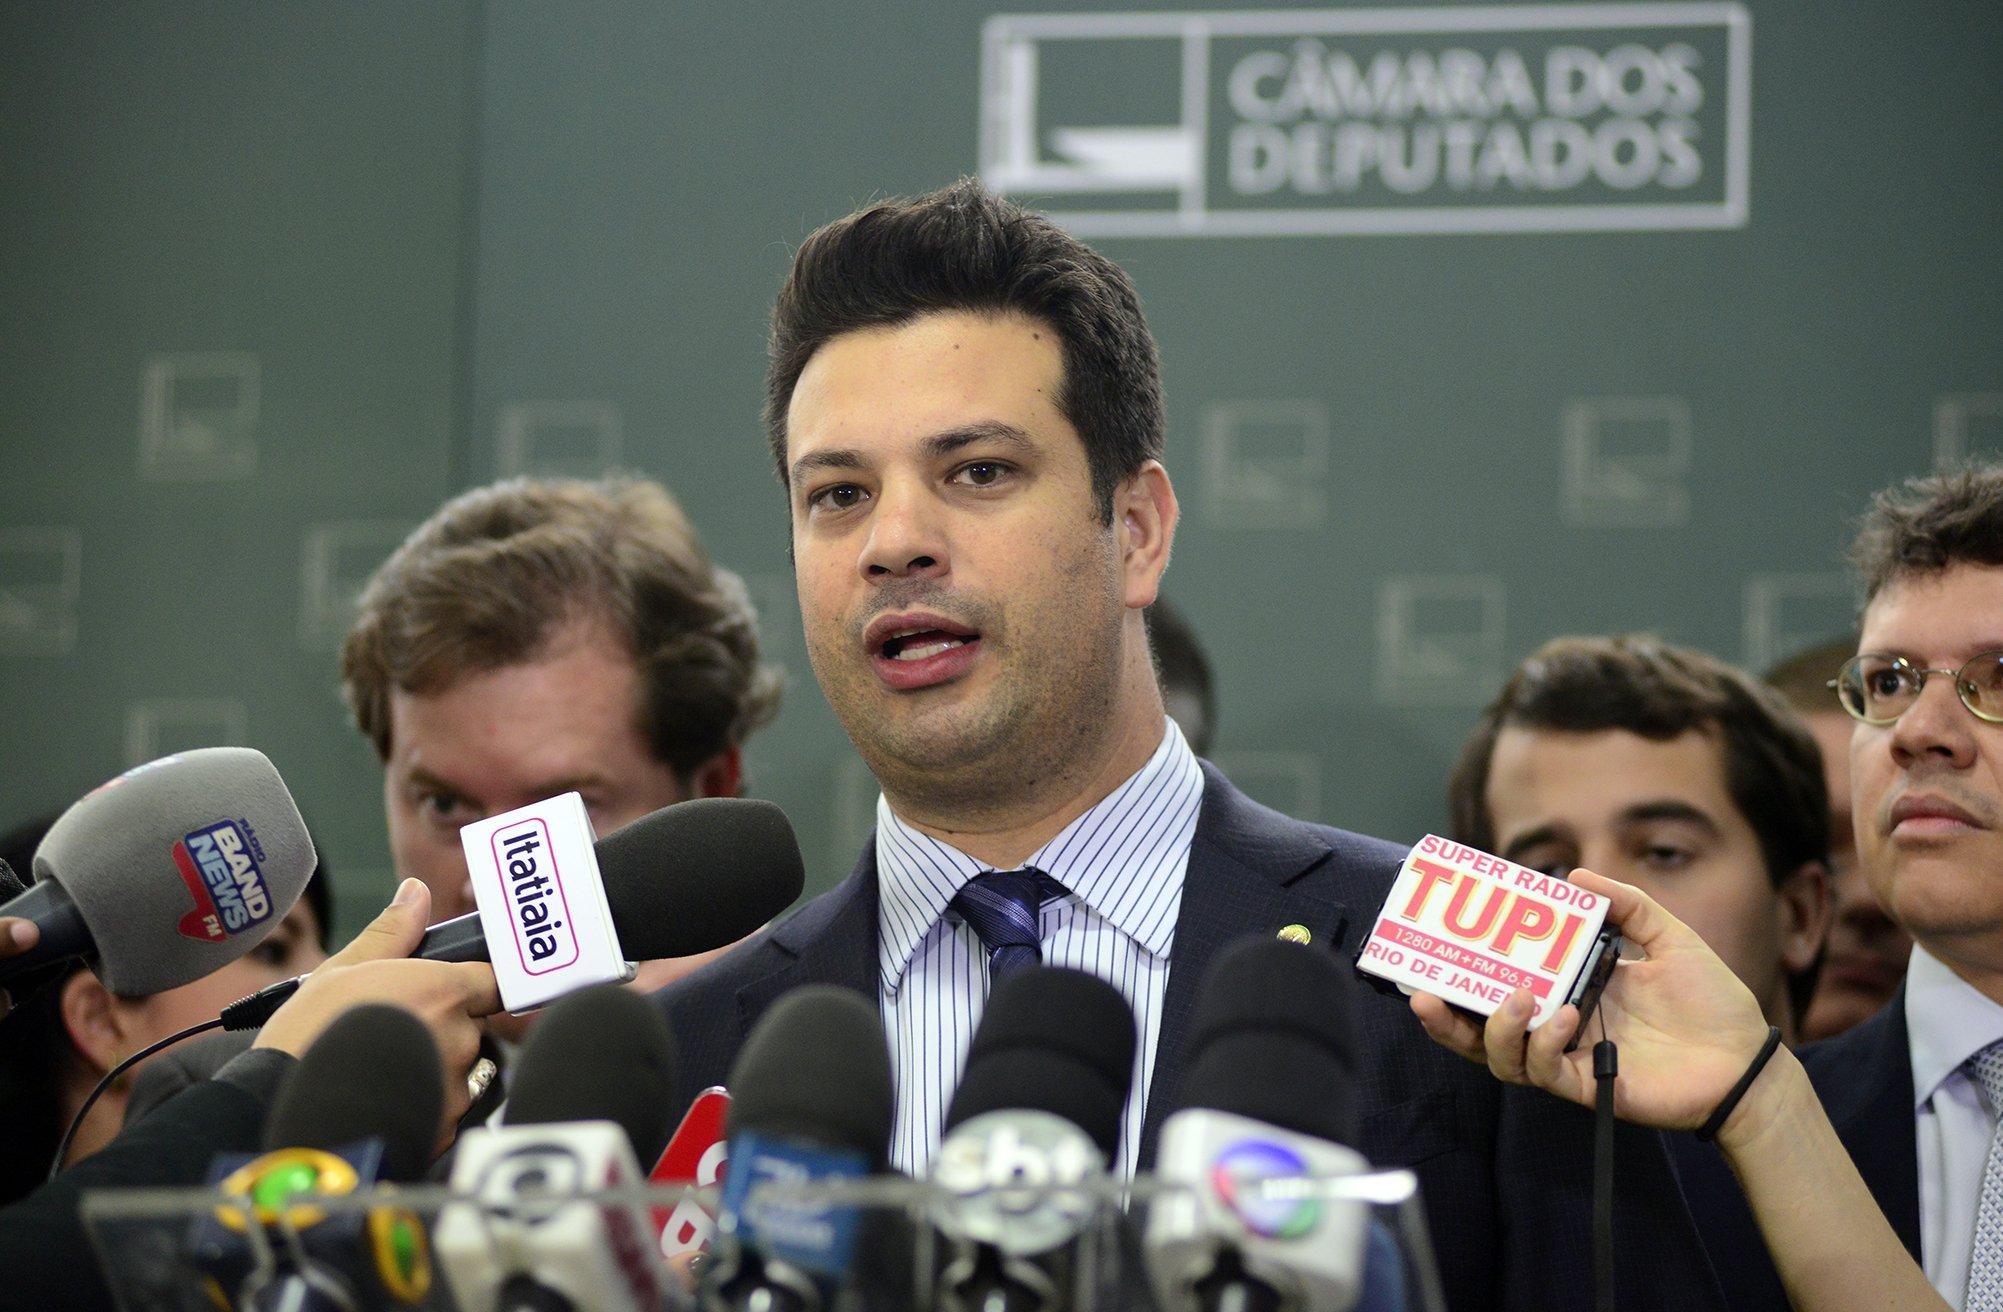 Gustavo Lima/ Câmara dos Deputados